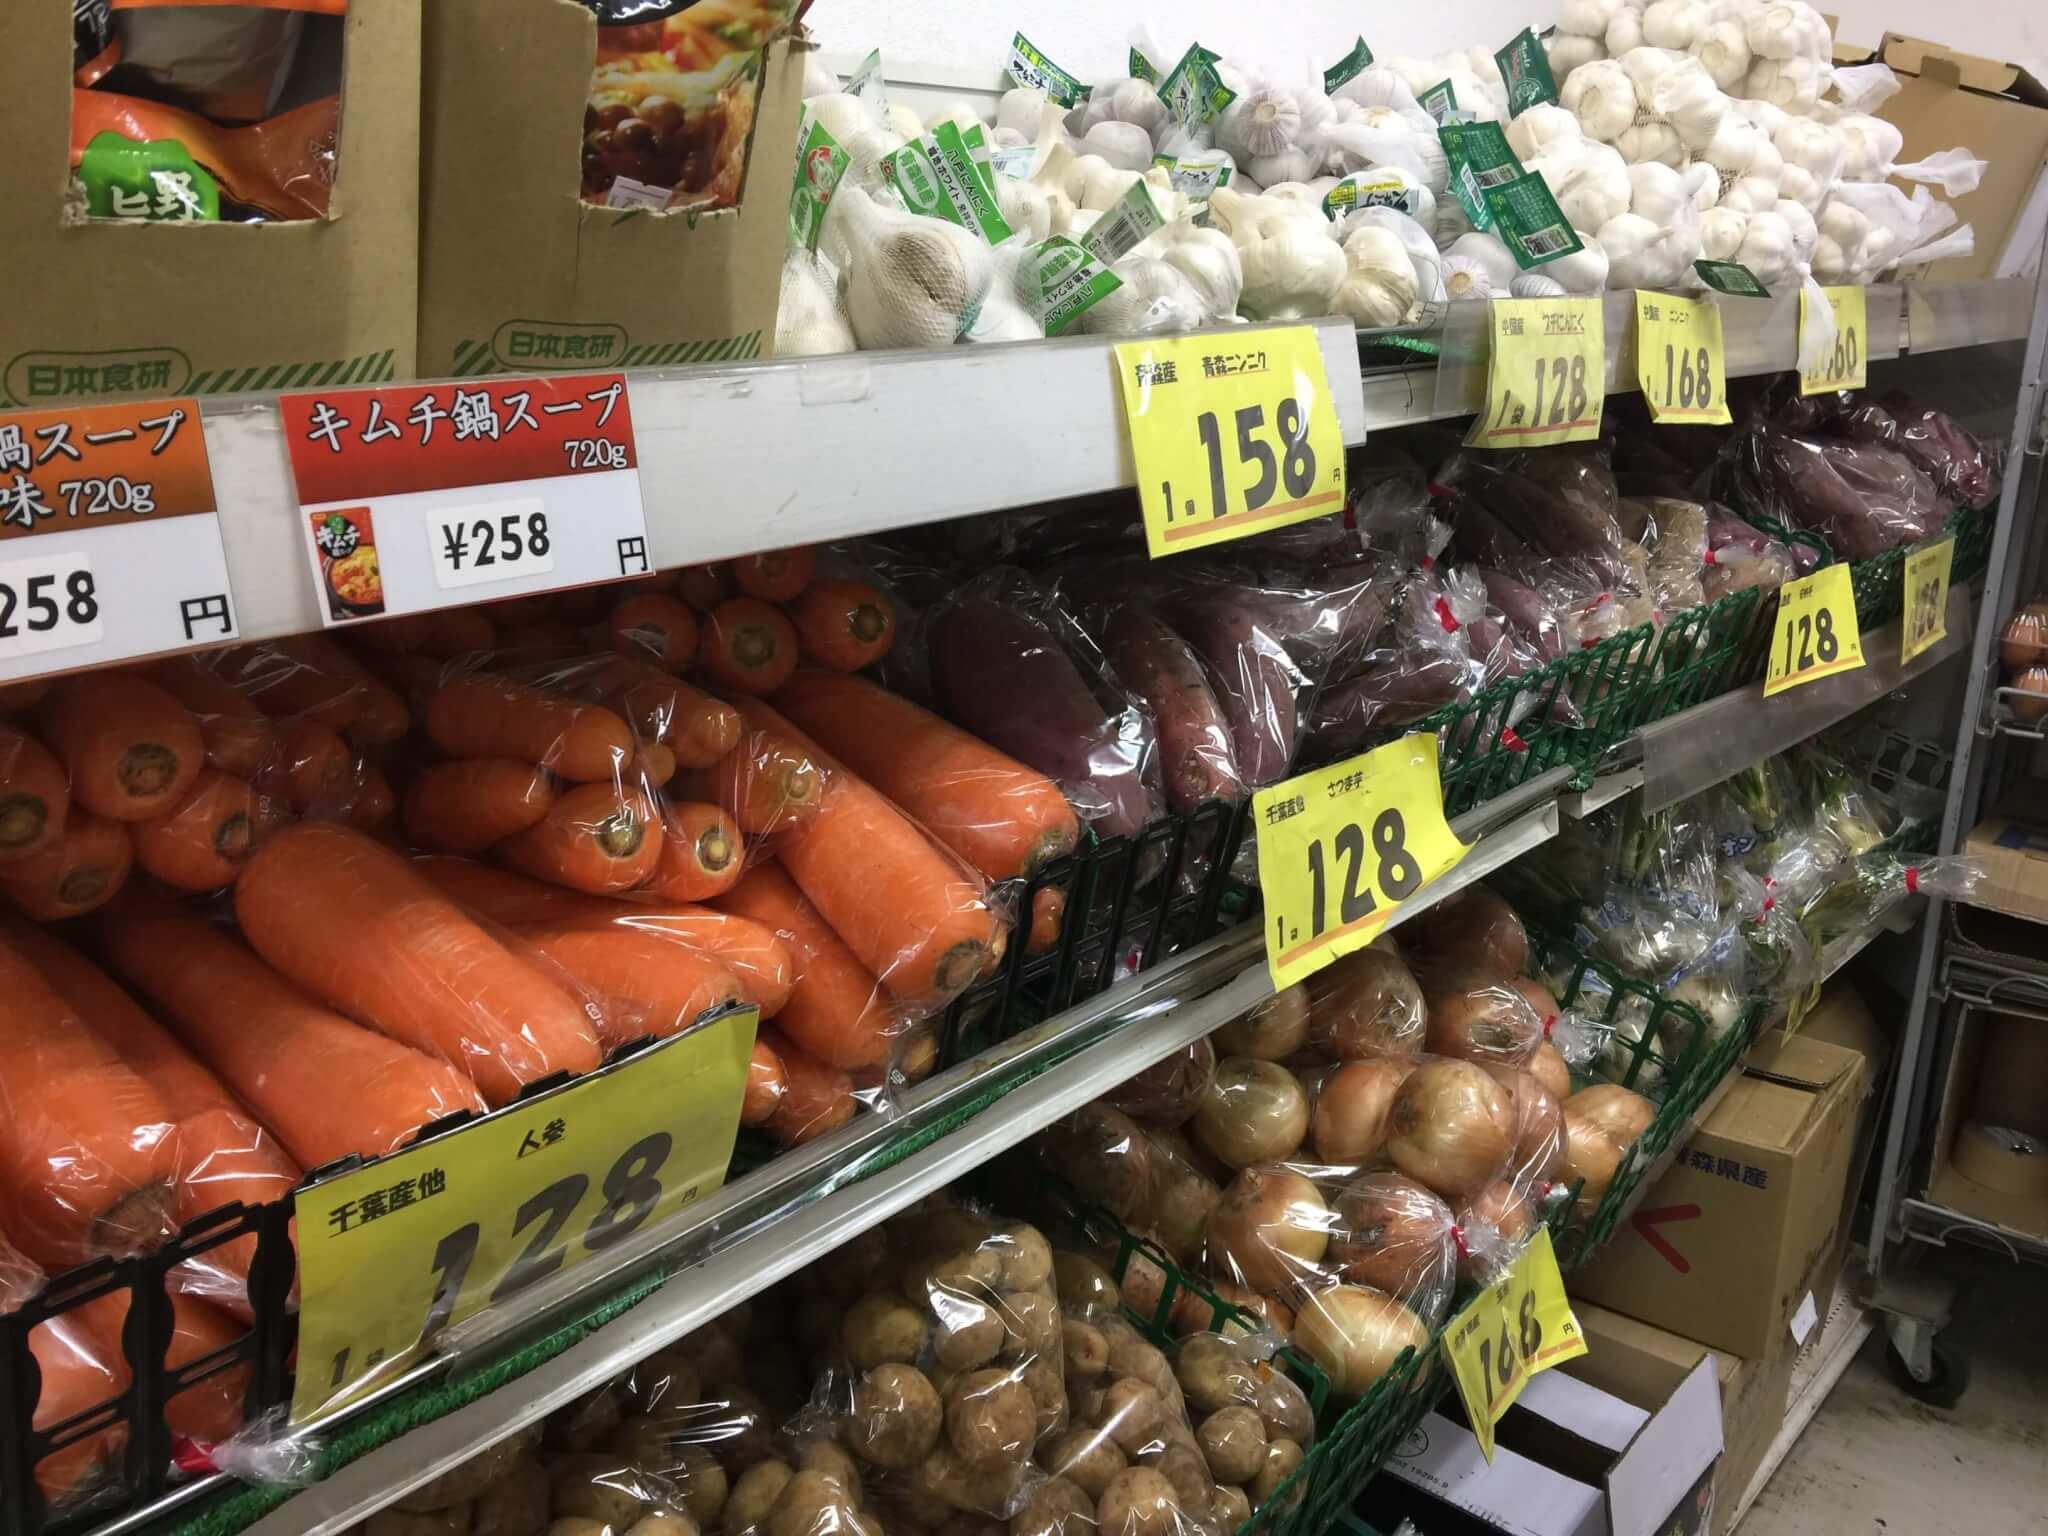 西川口のスーパーふるさとで売られている激安野菜